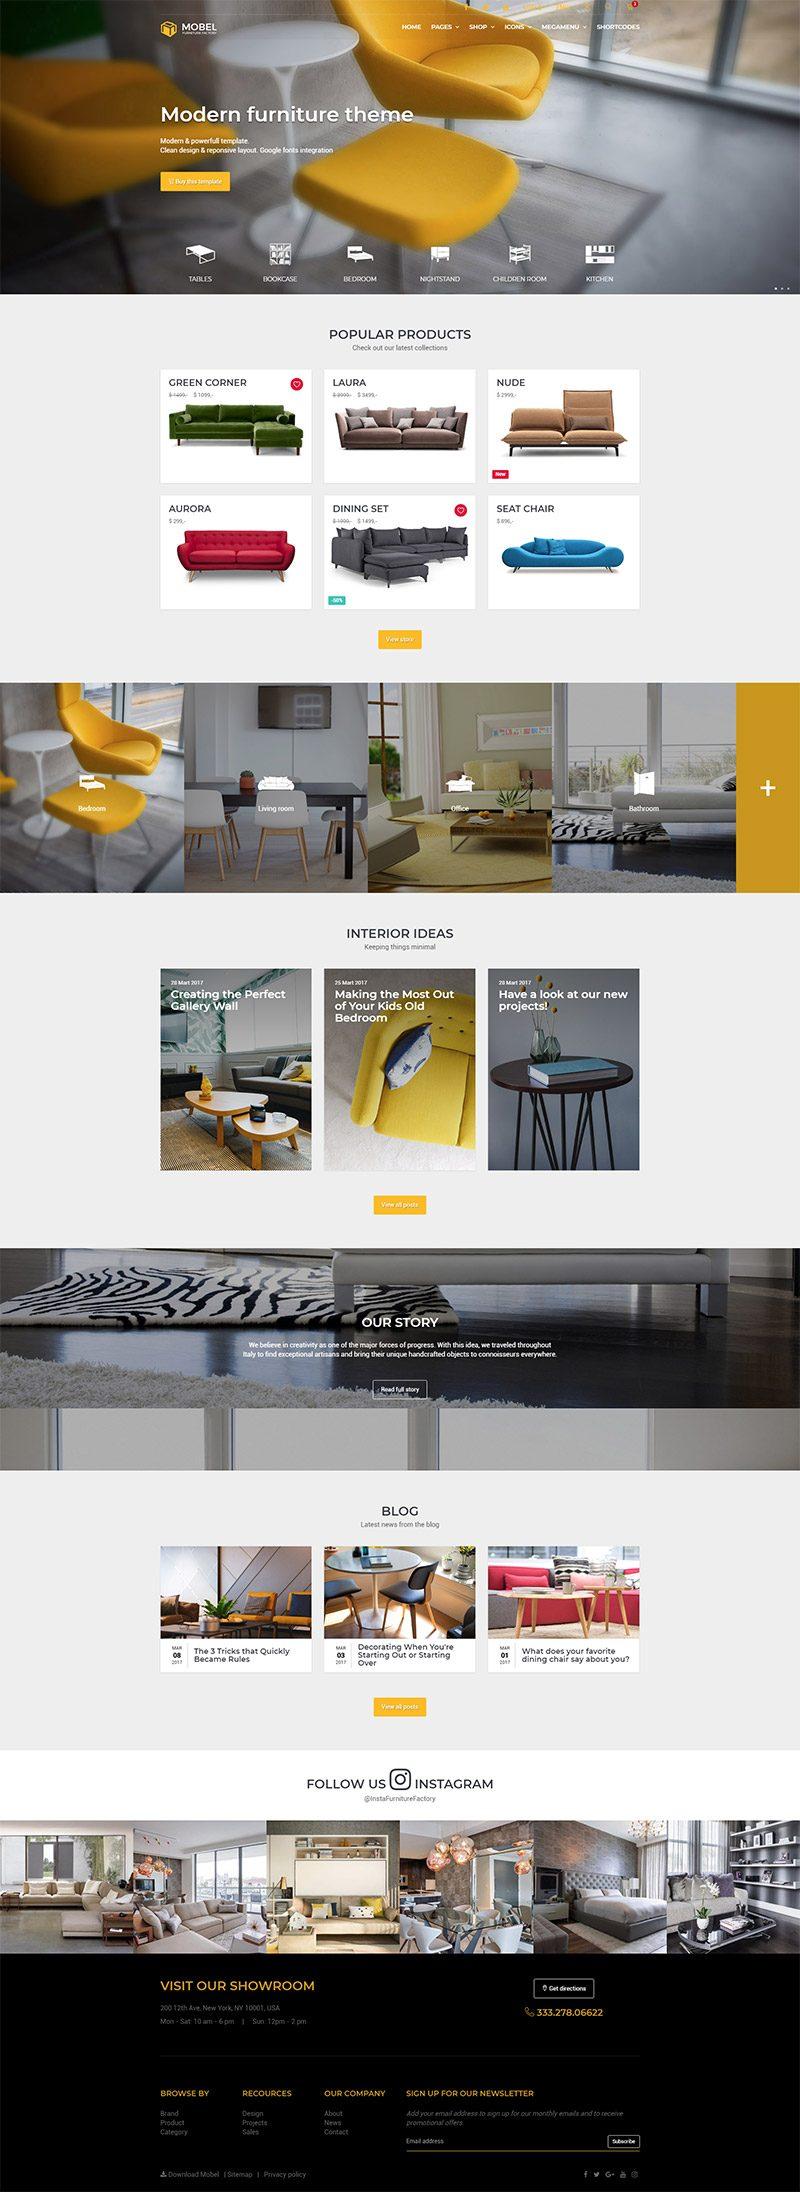 Mẫu web thương mại điện tử / T2004